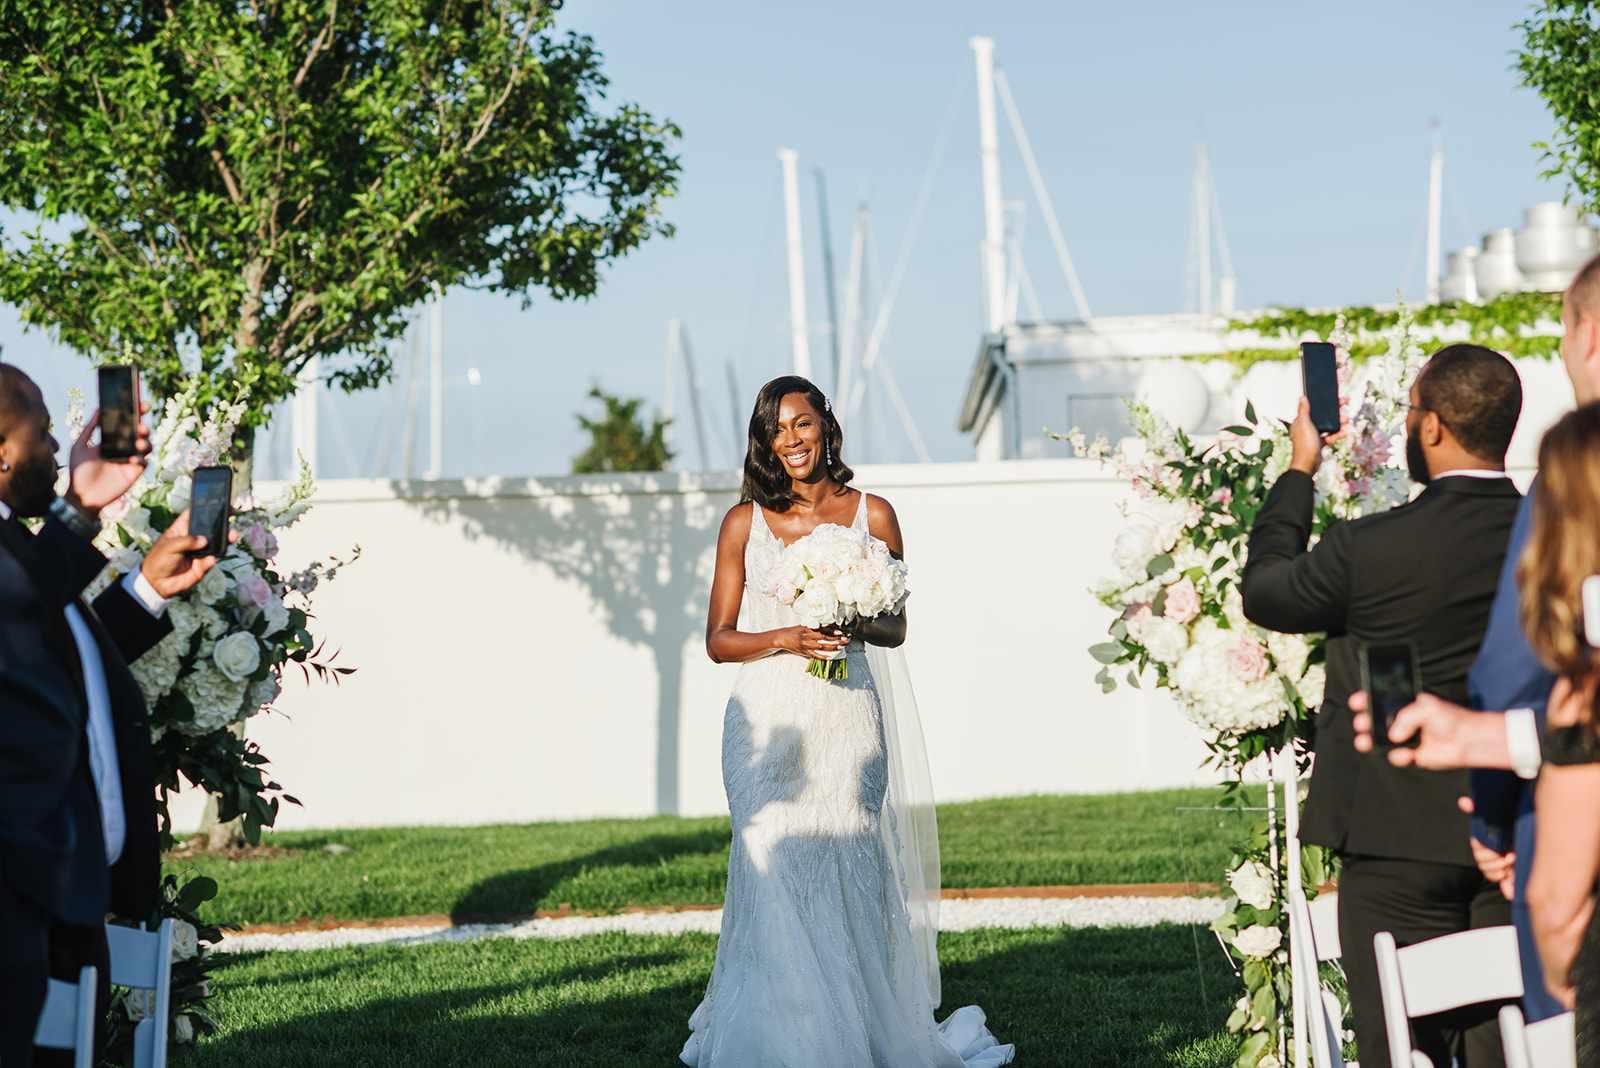 Bride making a grand entrance alone